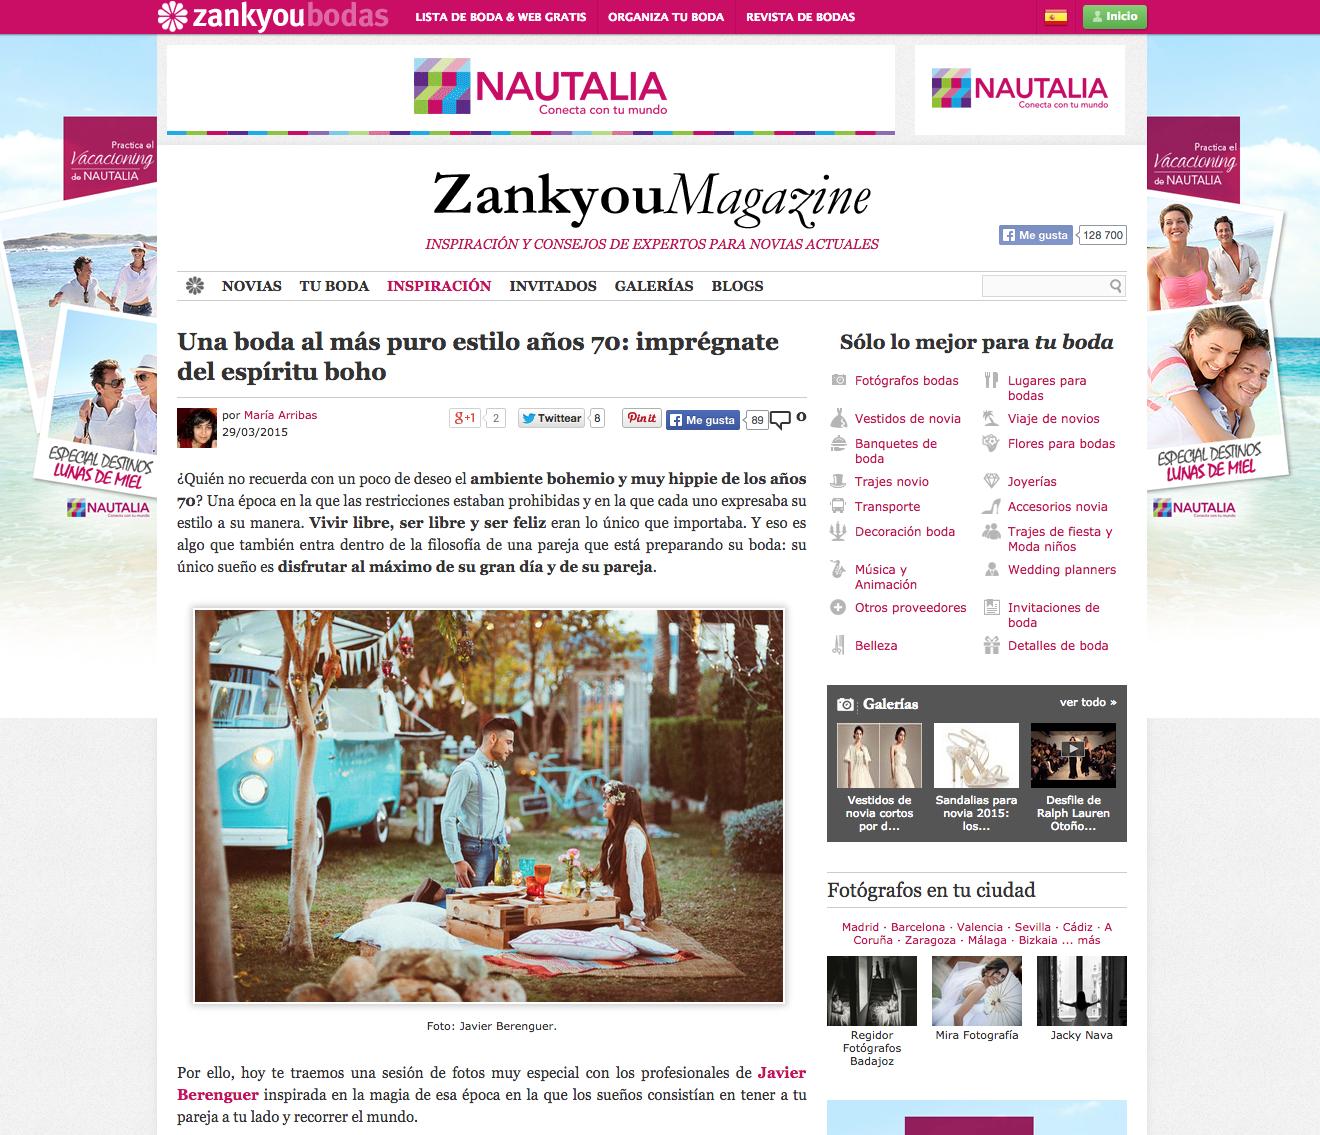 Publicación en Zankyou Bodas Wedding Magazine